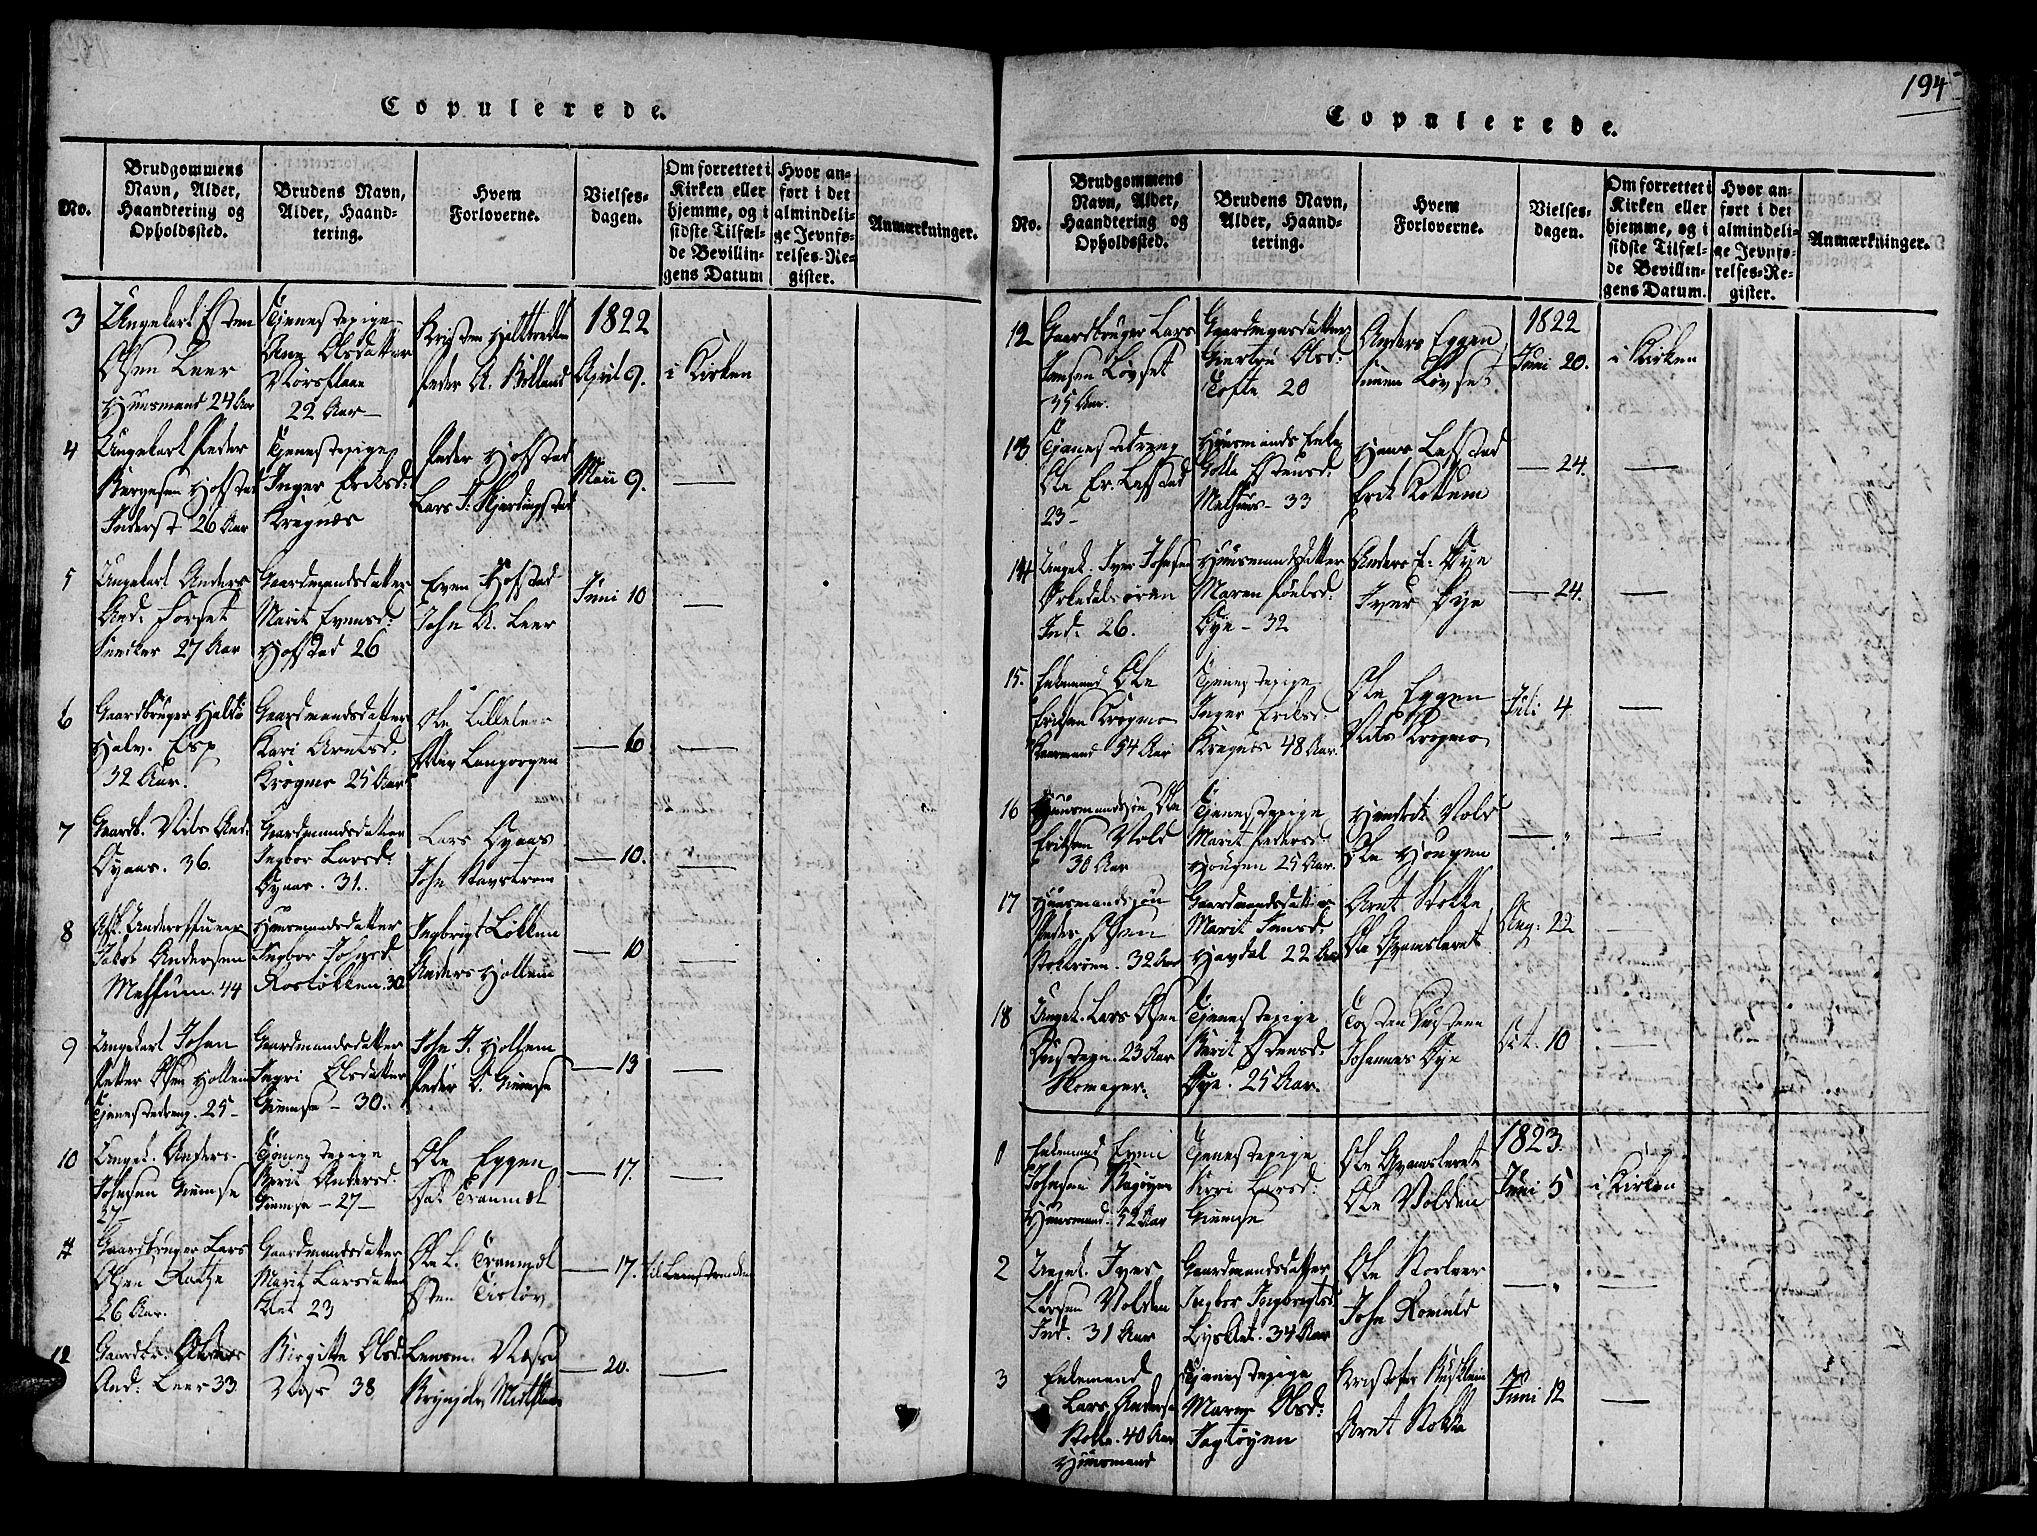 SAT, Ministerialprotokoller, klokkerbøker og fødselsregistre - Sør-Trøndelag, 691/L1065: Ministerialbok nr. 691A03 /1, 1816-1826, s. 194